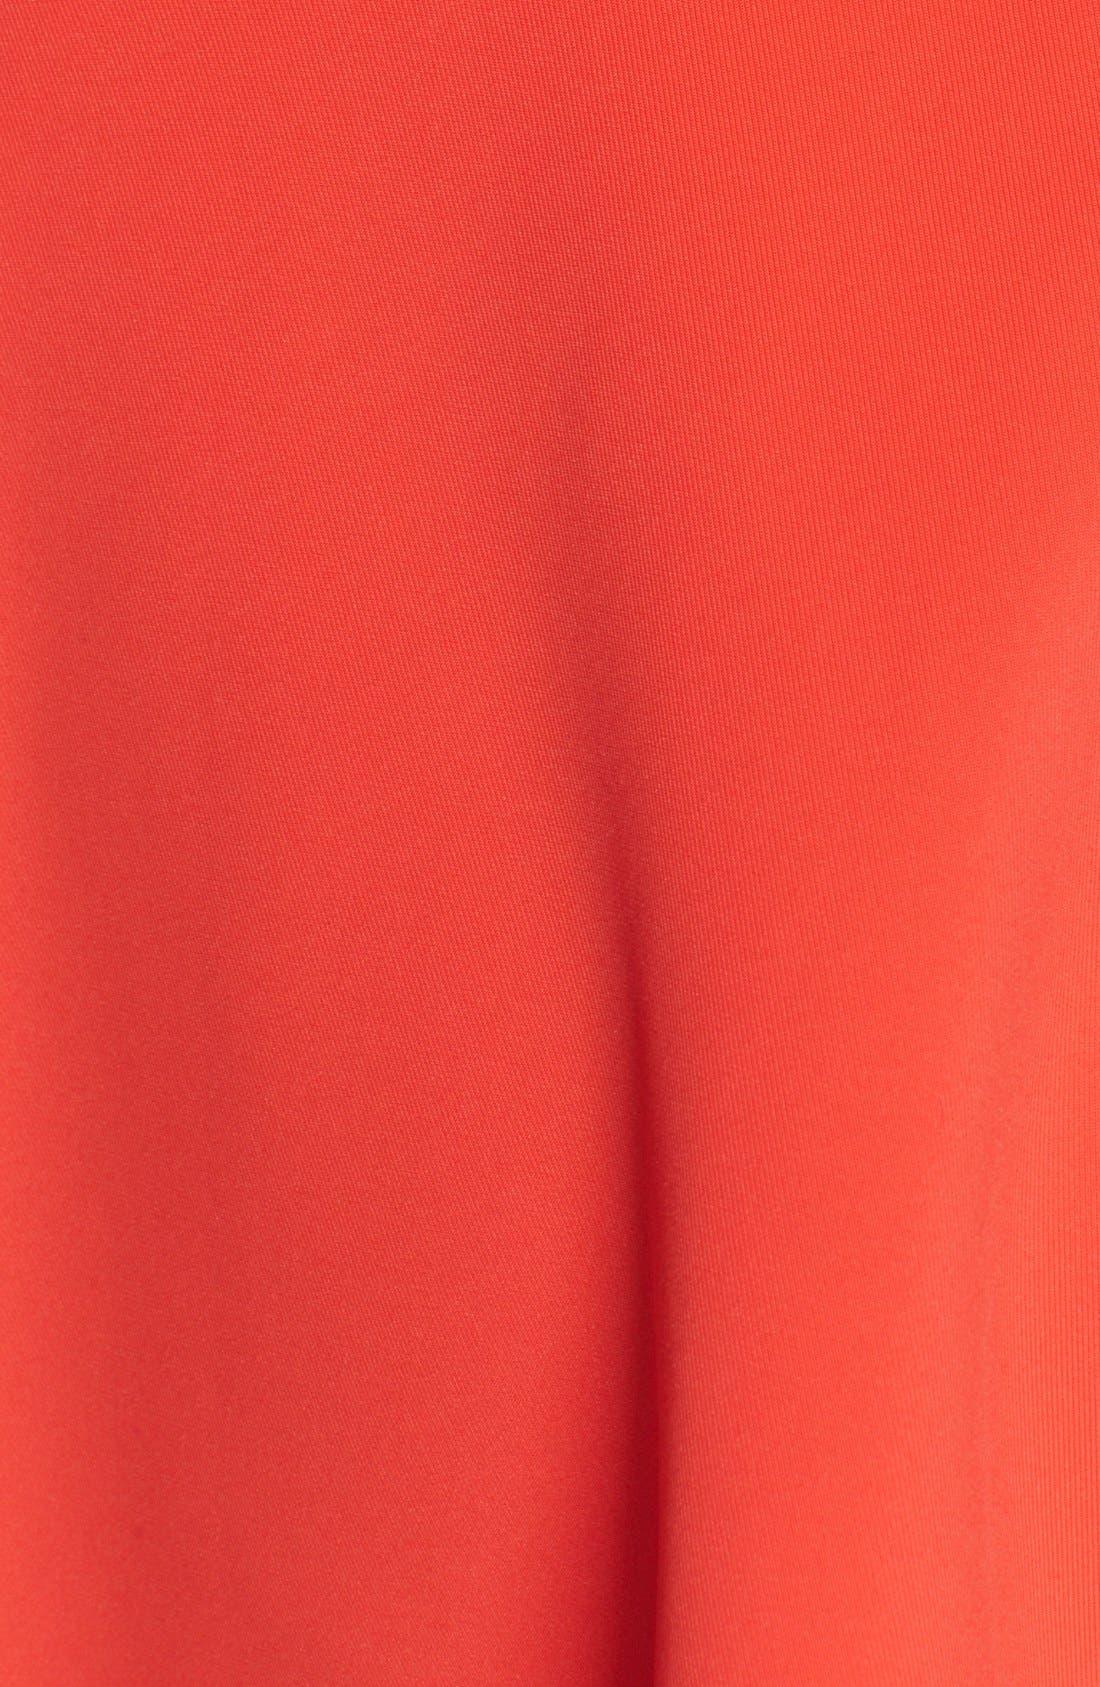 Alternate Image 3  - Ted Baker London 'Arwyn' Neoprene Skater Dress